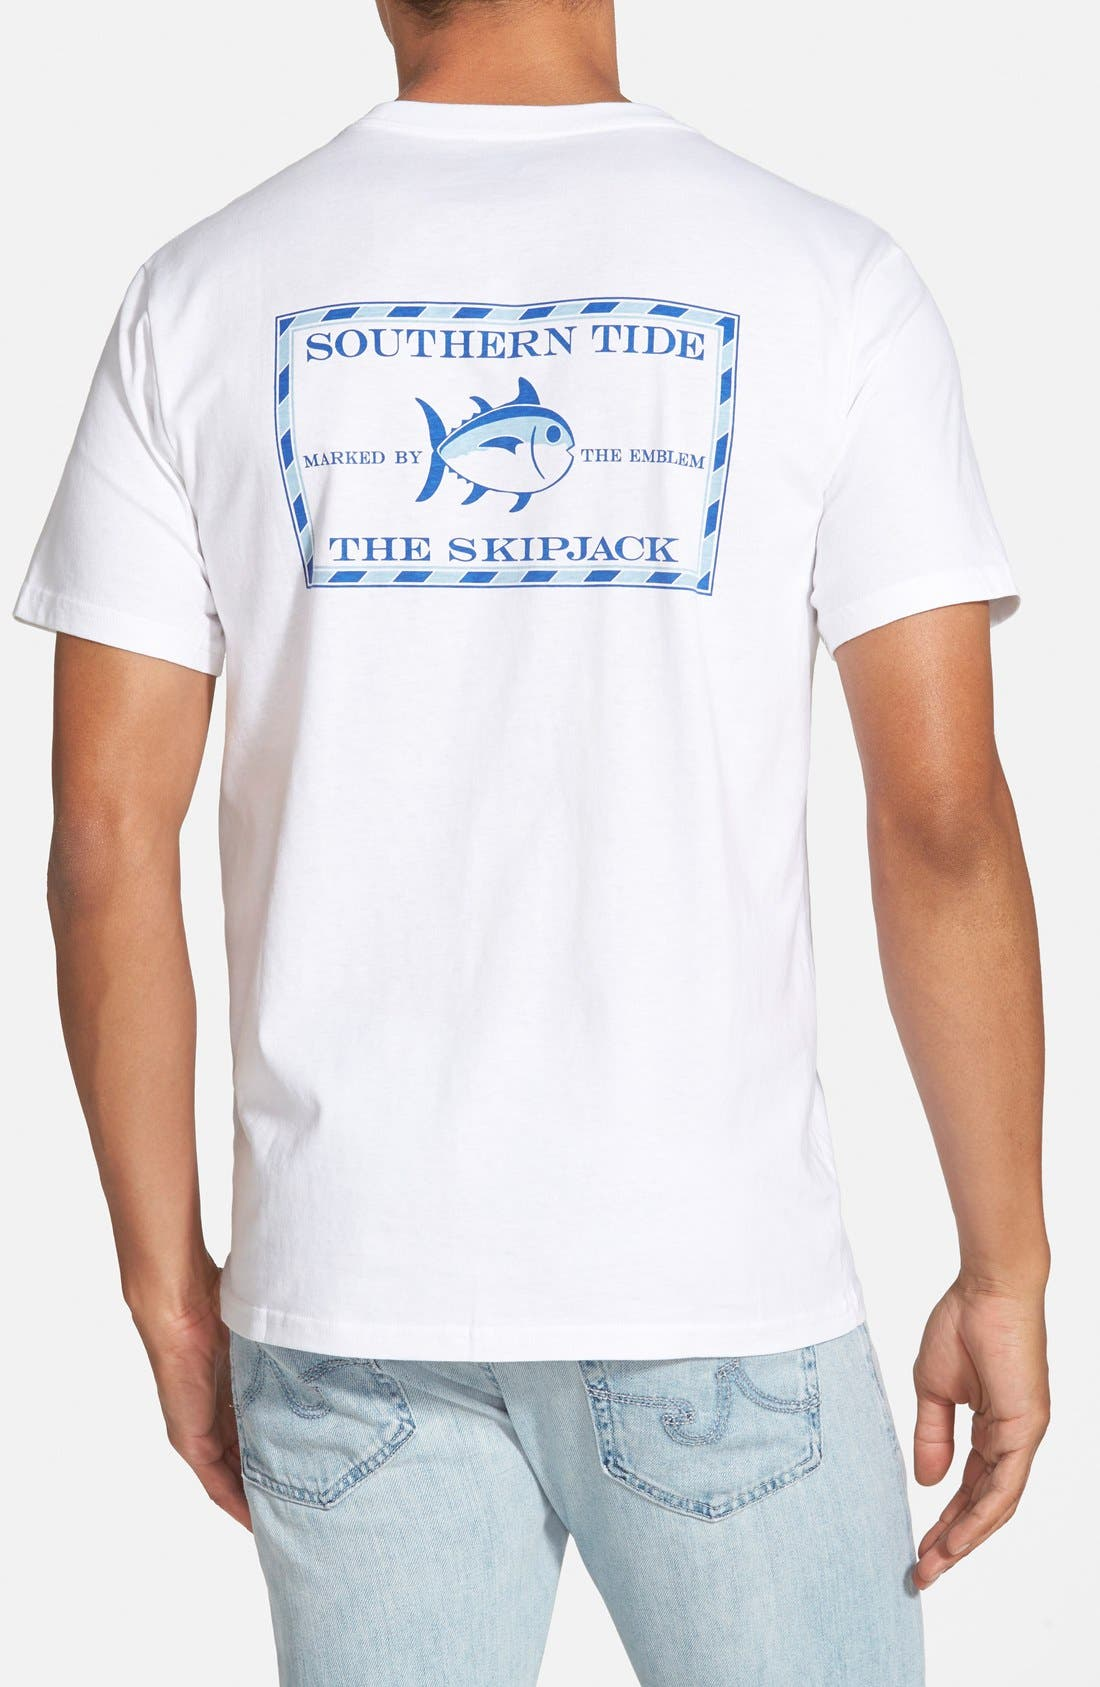 SOUTHERN TIDE SHORT SLEEVE SKIPJACK T-SHIRT